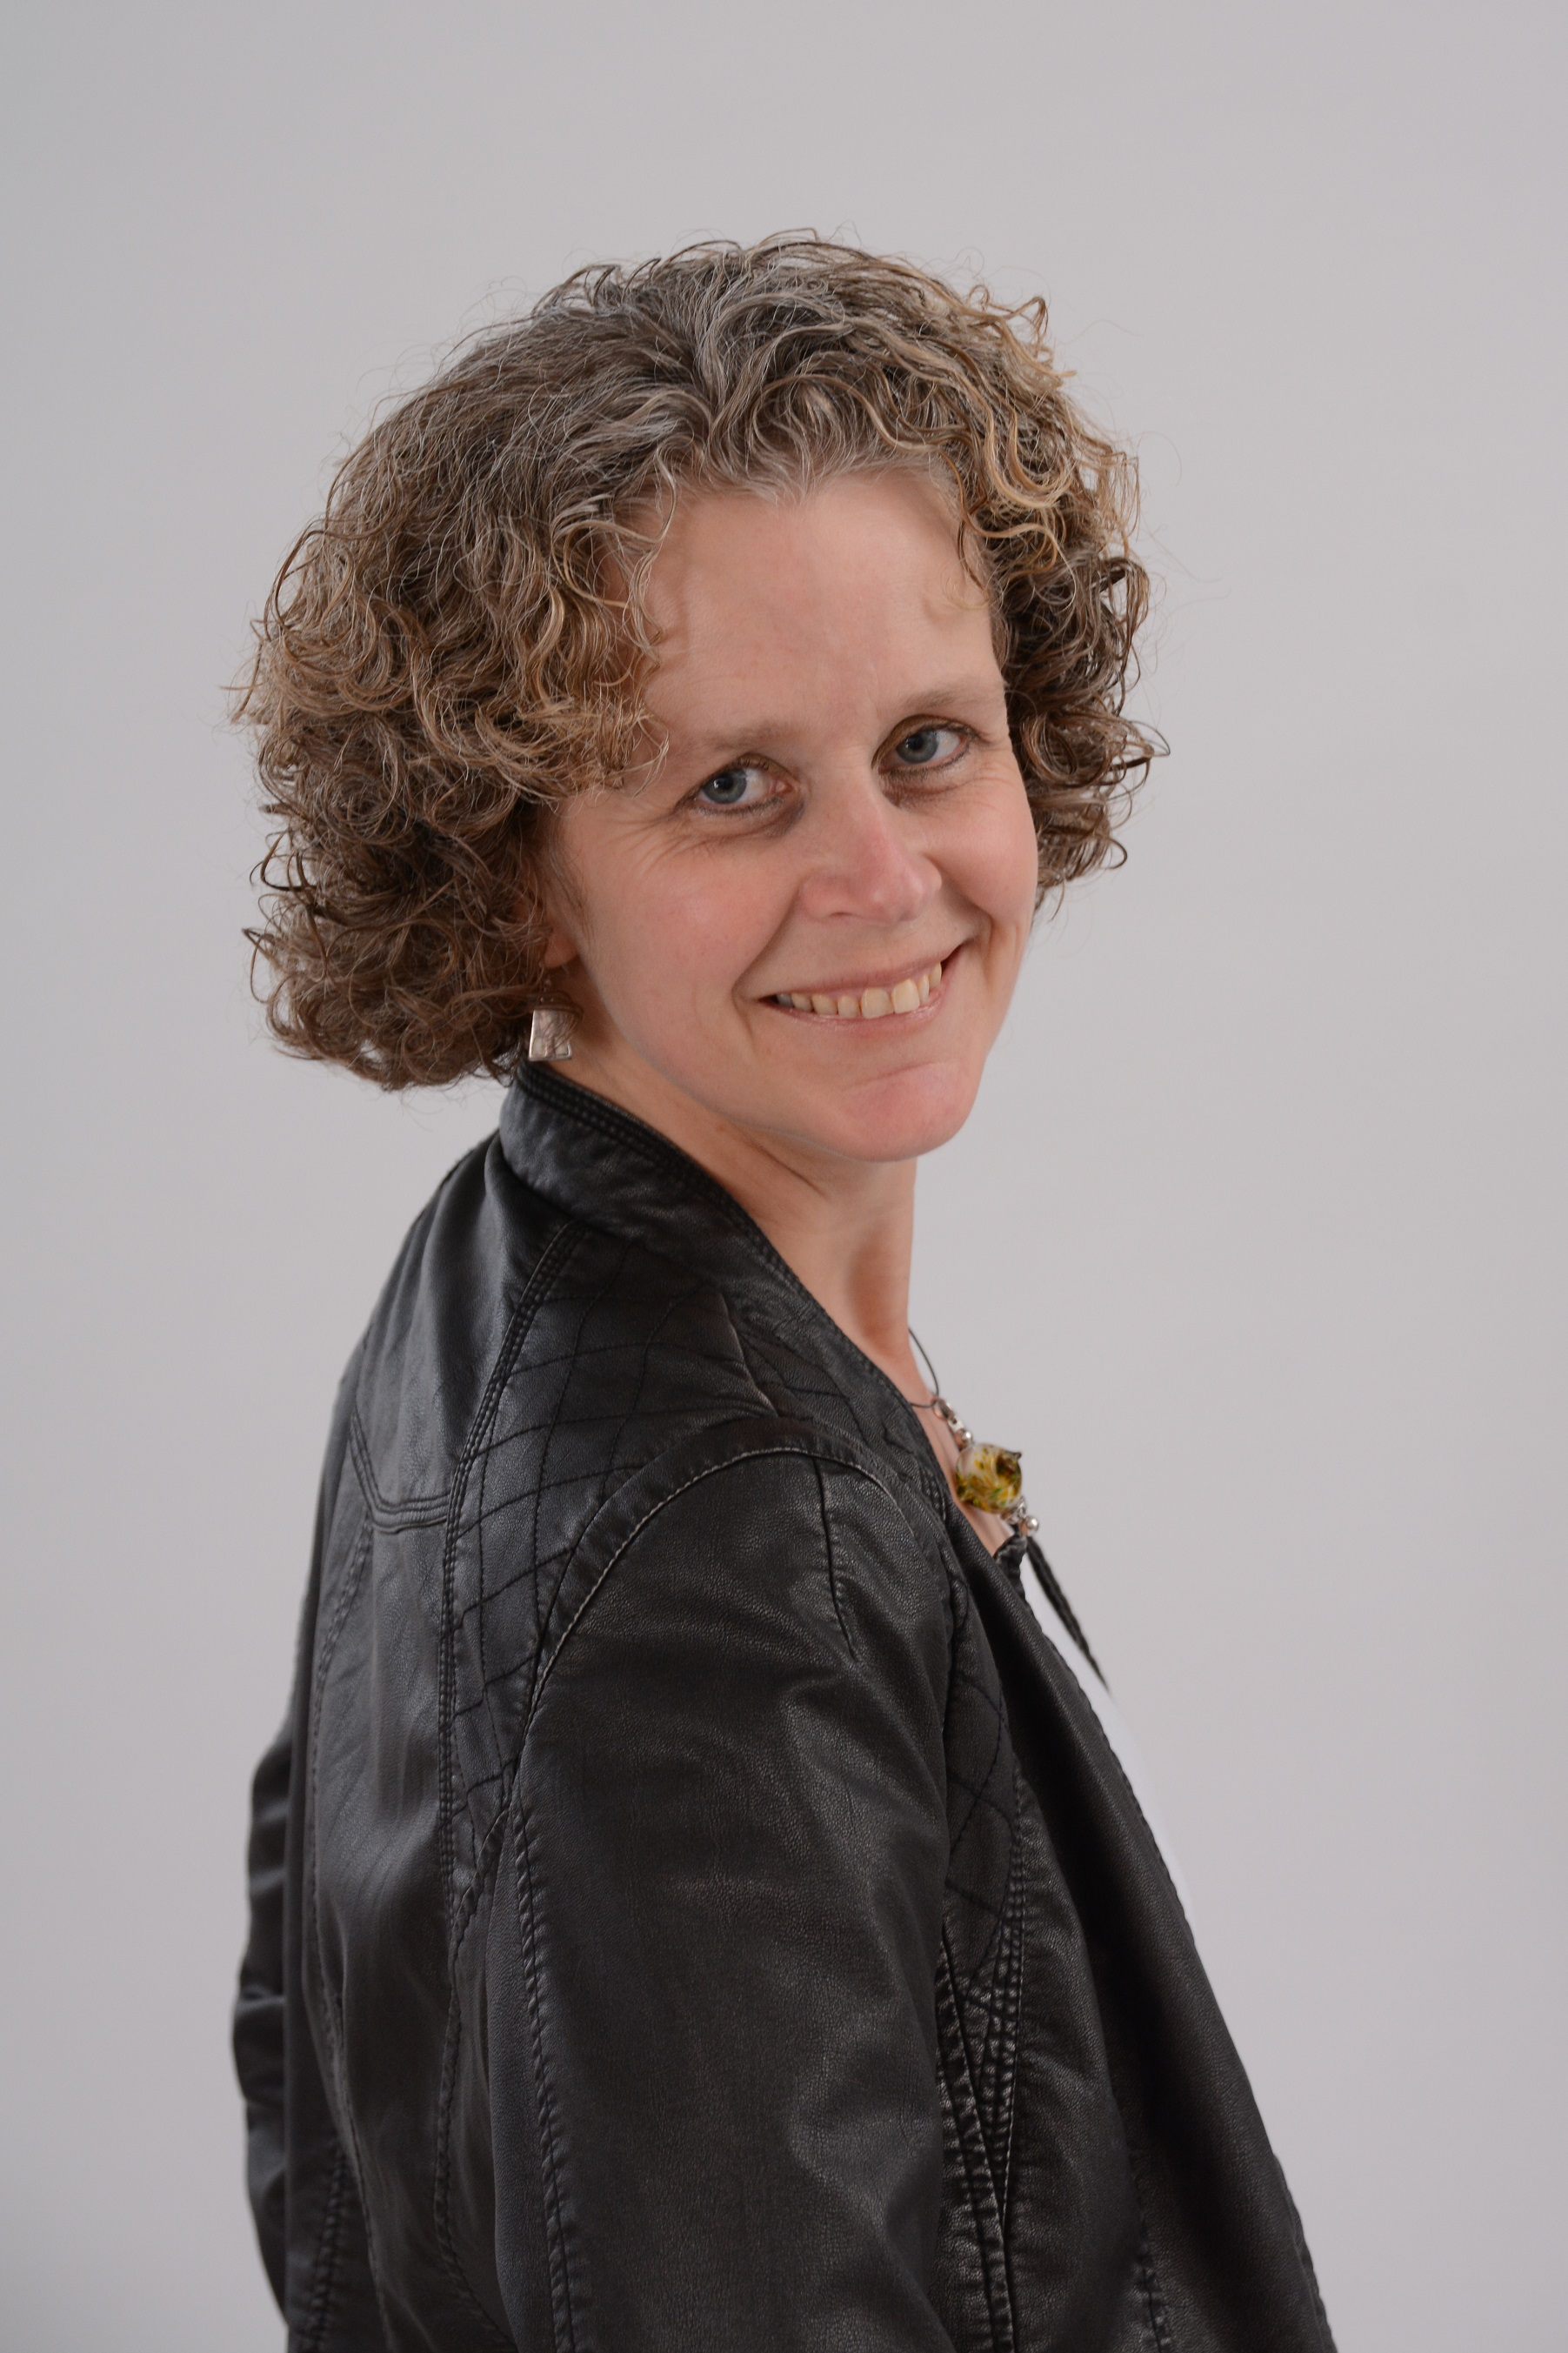 W (Wendy) Panhuizen Zijp